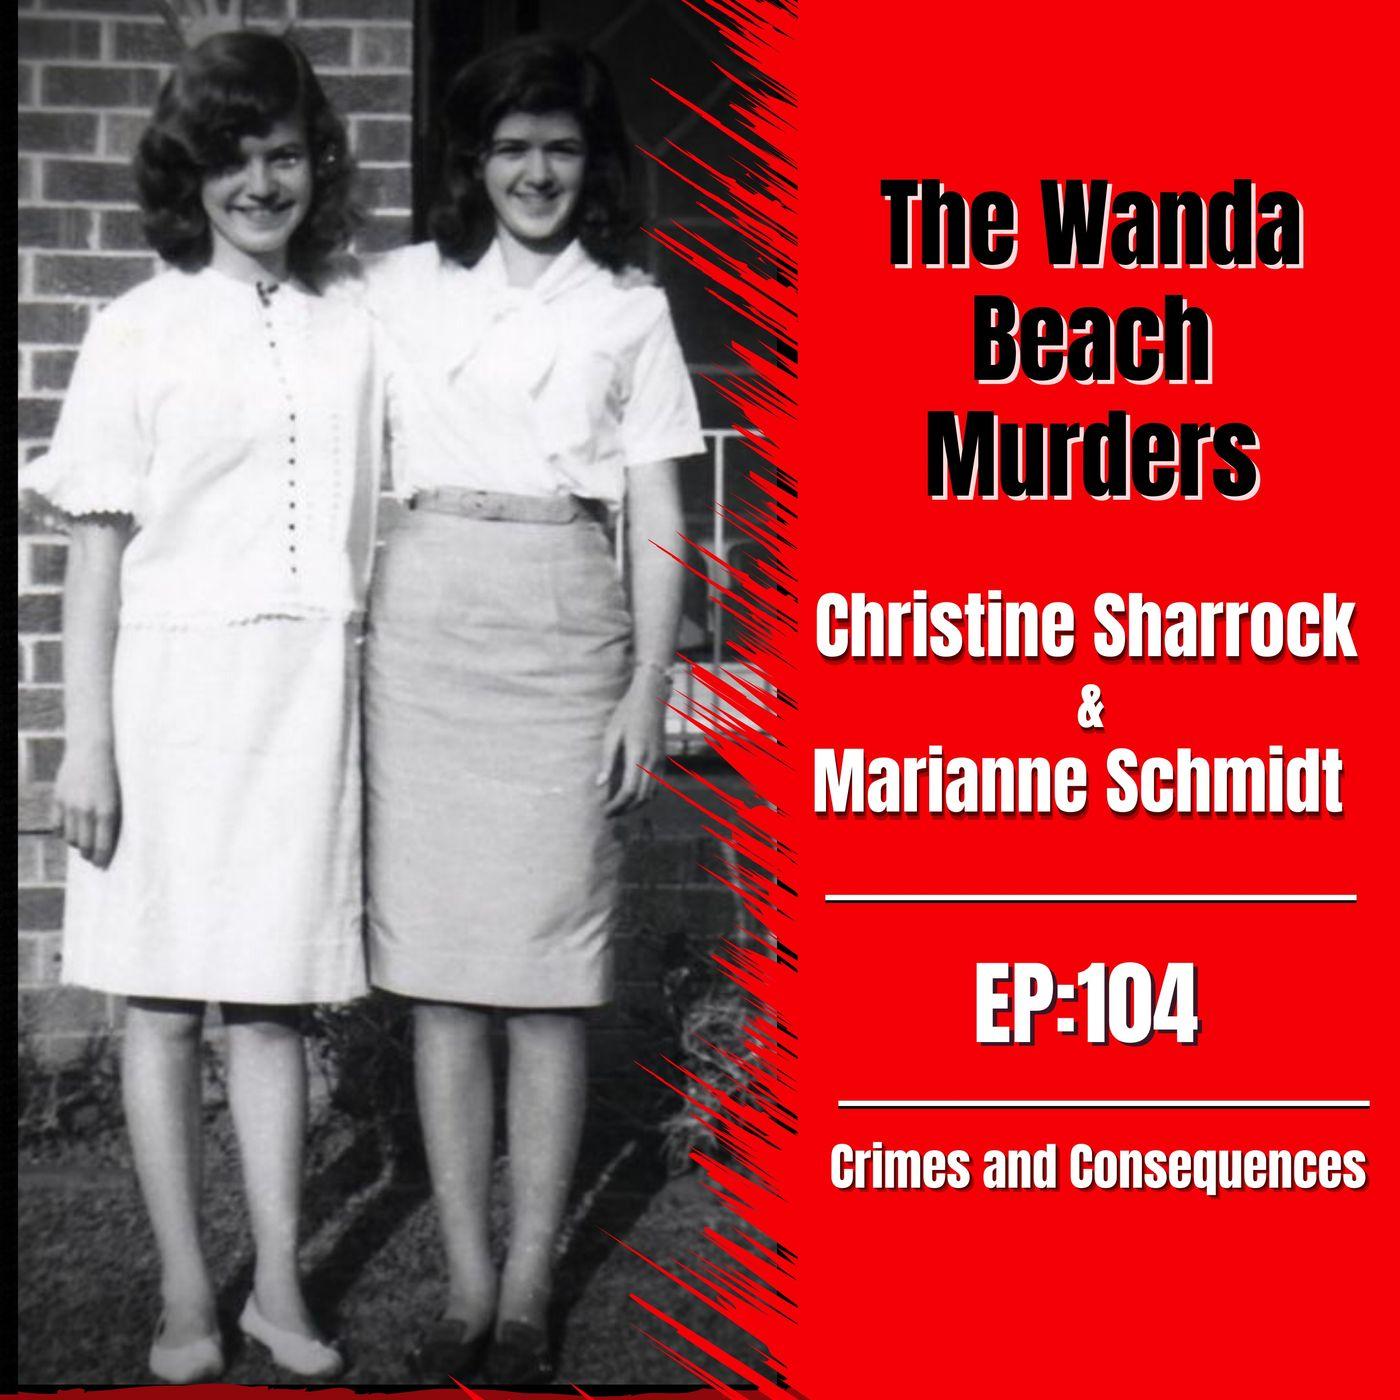 EP104: The Wanda Beach Murders